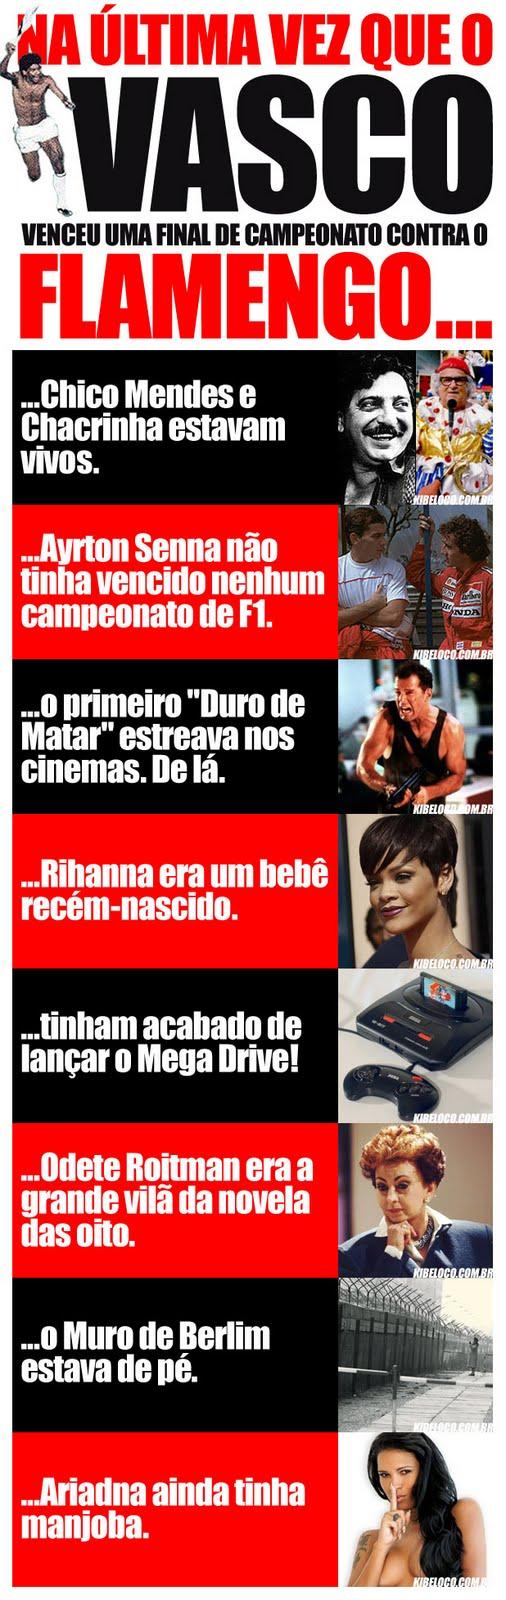 Futebol E Piadas Parte 176   Flamengo Campe  O Carioca 2011  Vasco